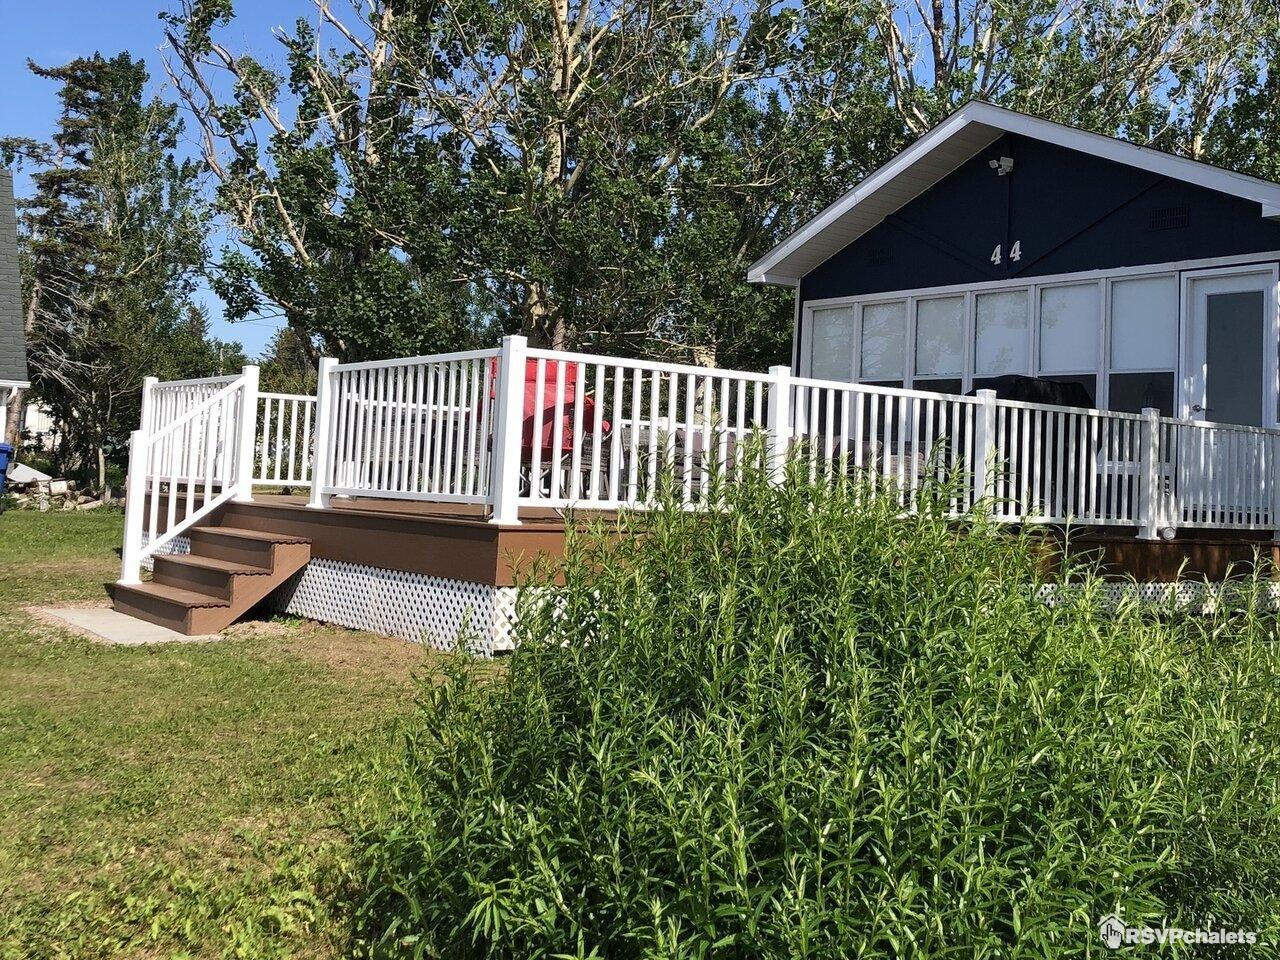 Magnificent Cottage Rentals Cottages For Rent On Rsvpchalets Home Interior And Landscaping Palasignezvosmurscom